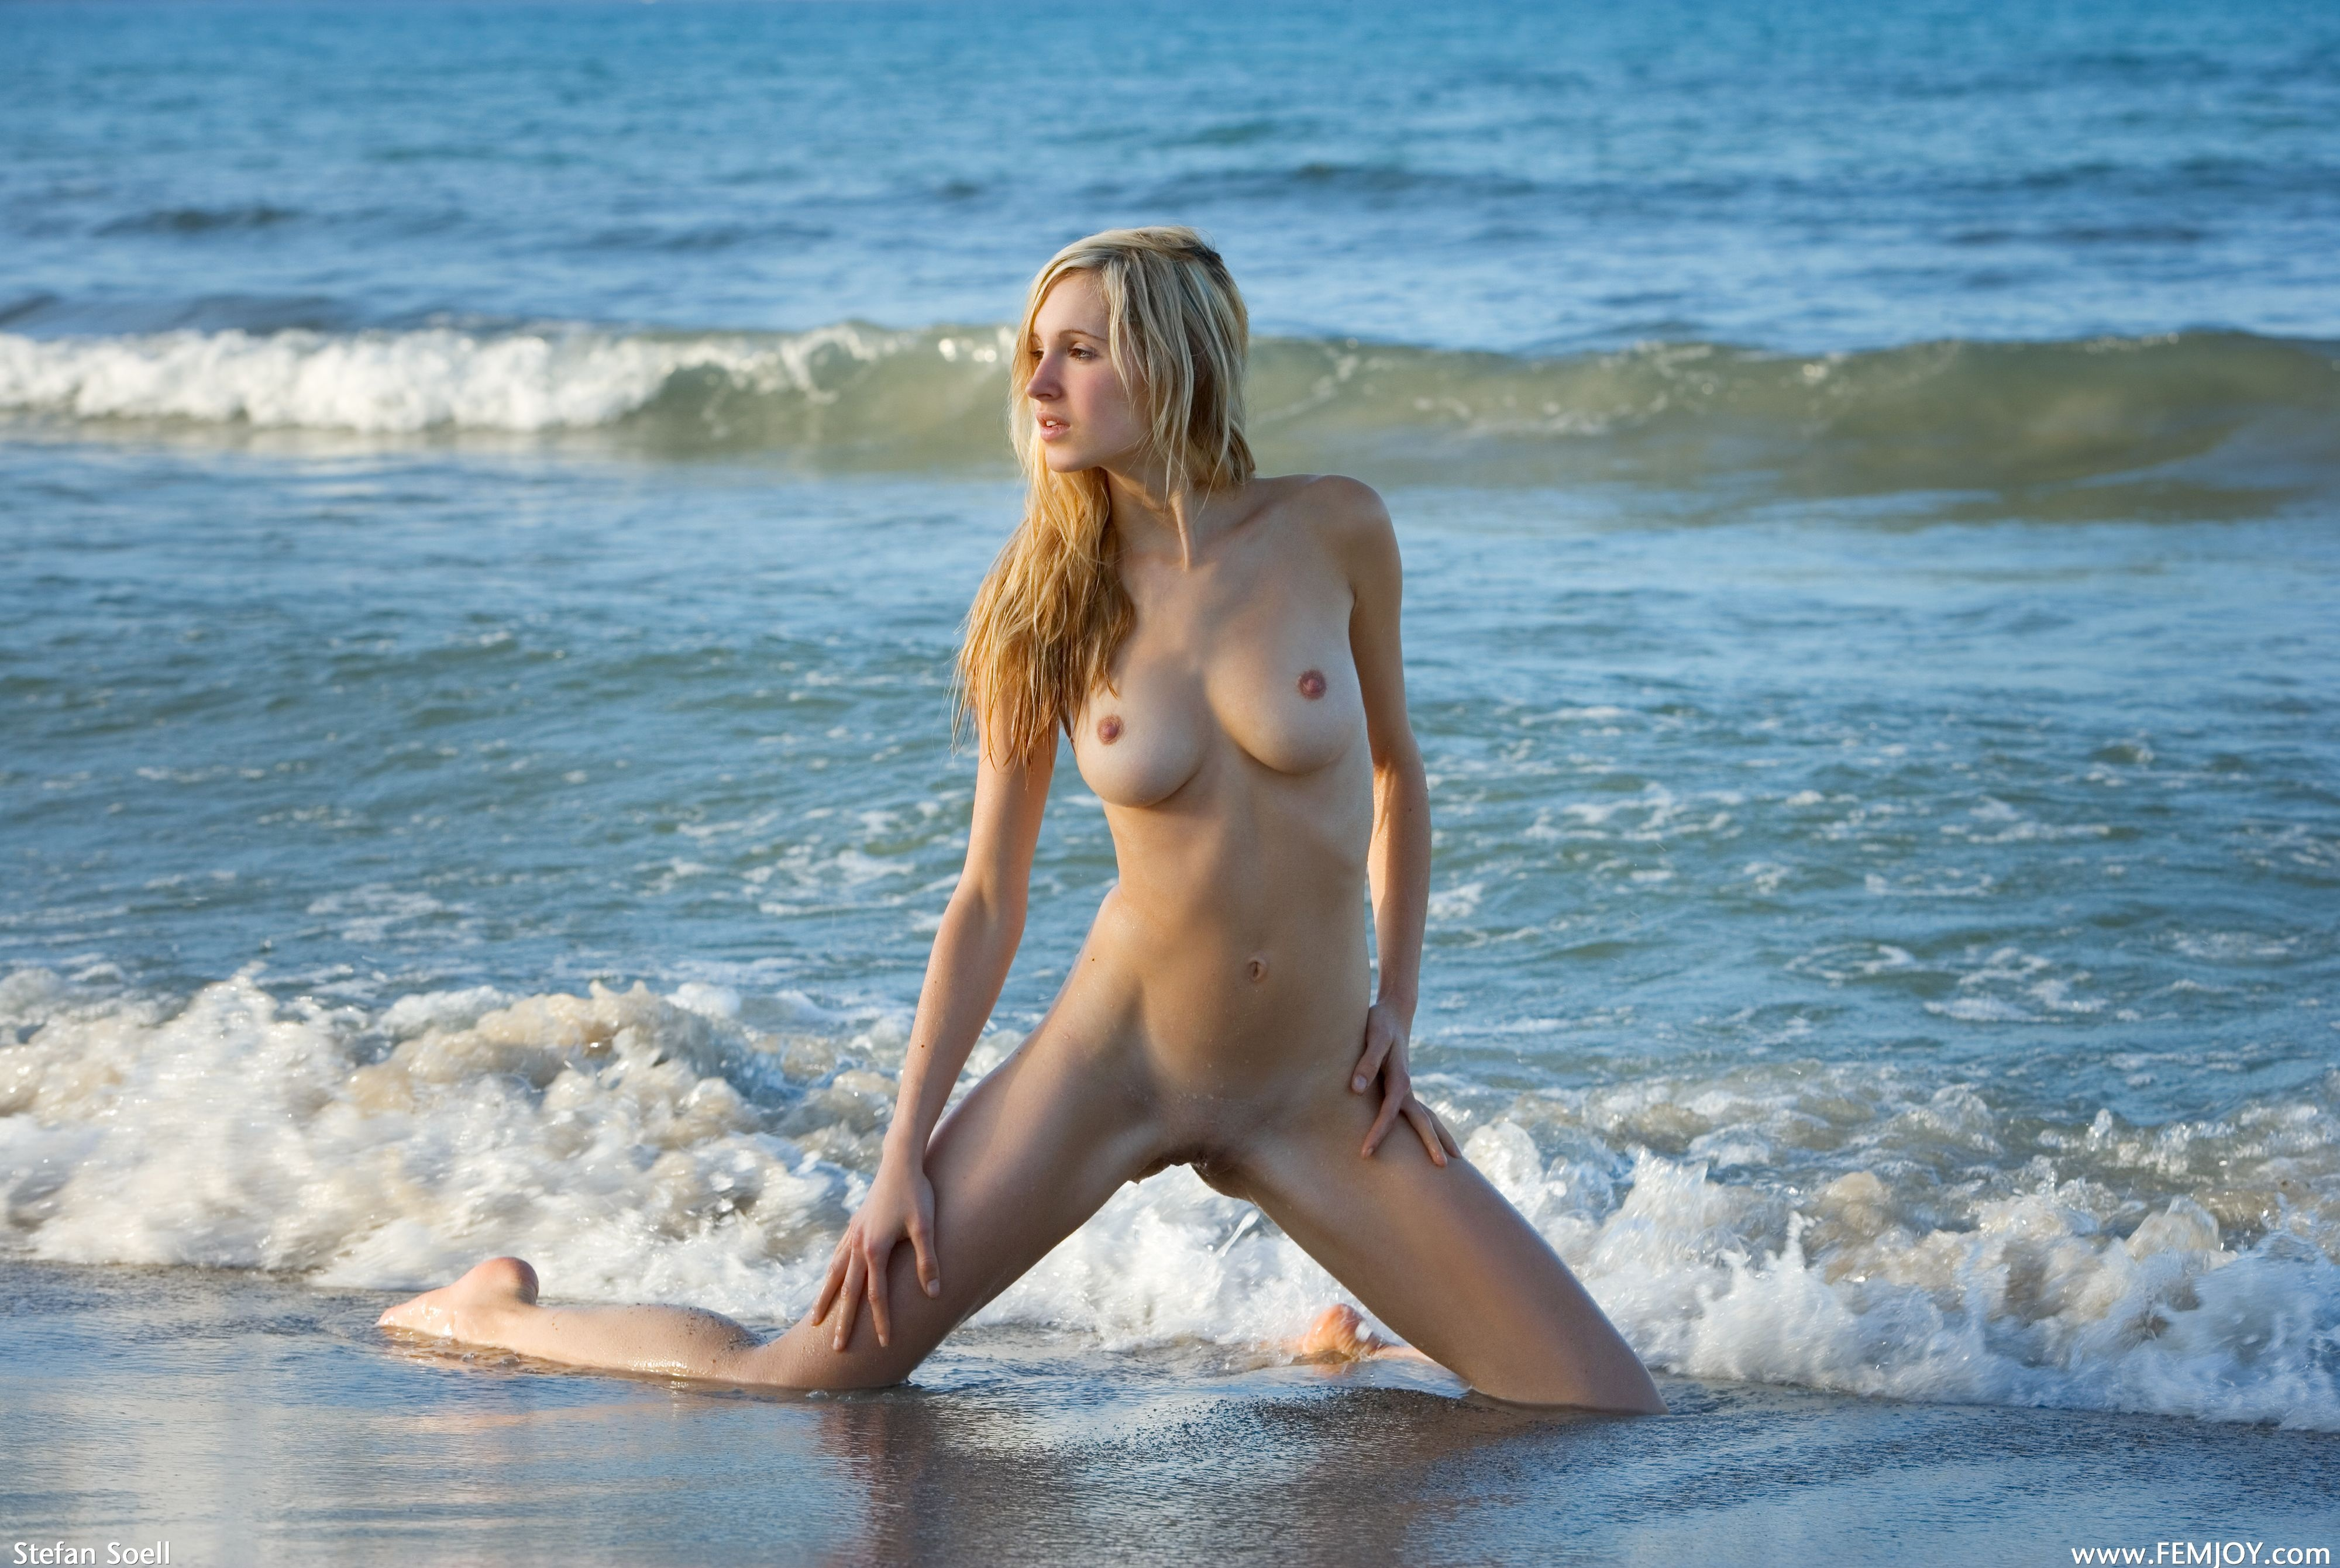 German girls swimming nude